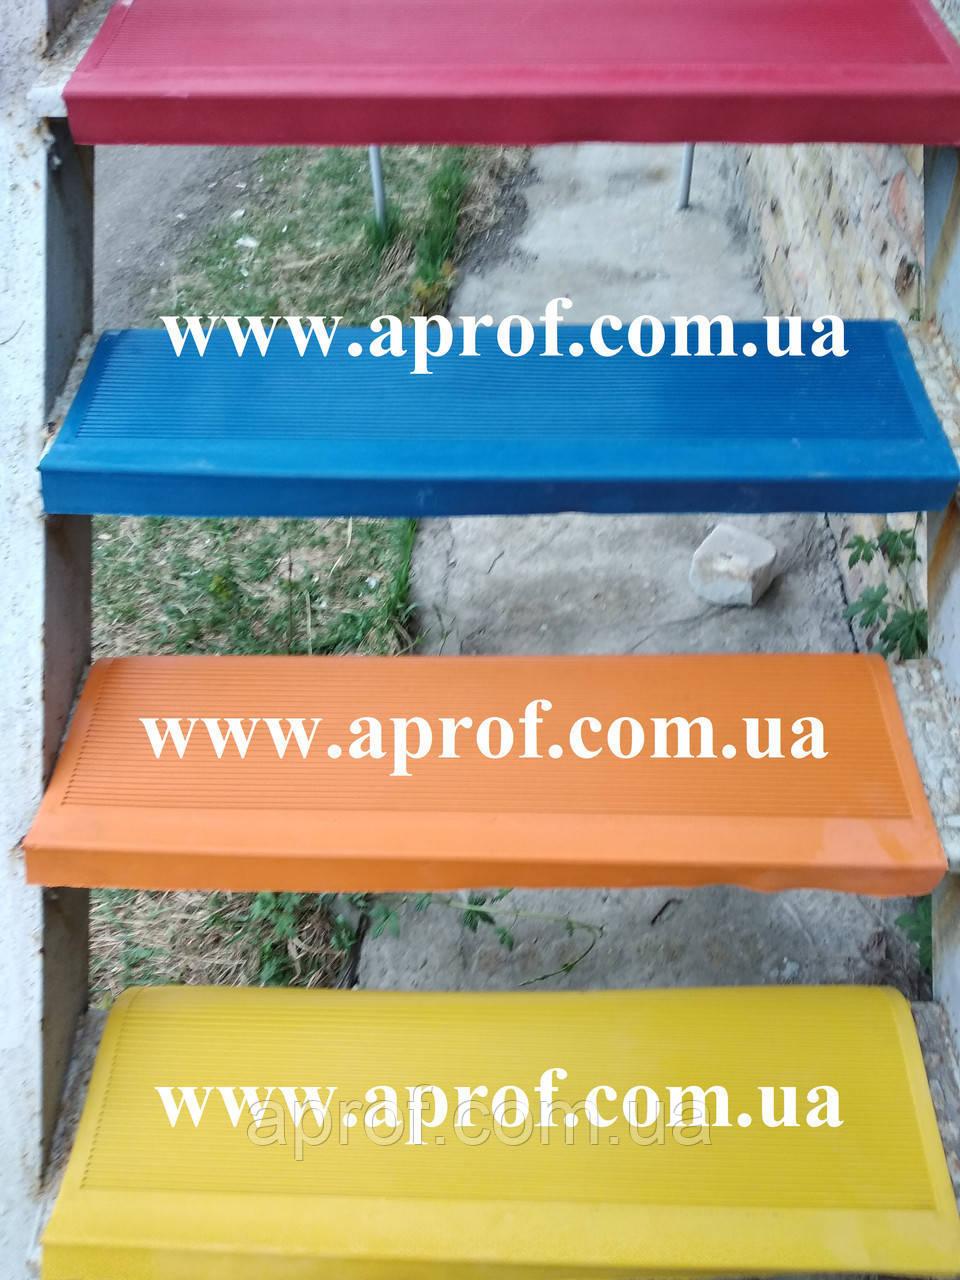 Антиковзні гумові накладки на сходи 75х33 см (КОЛЬОРОВІ)